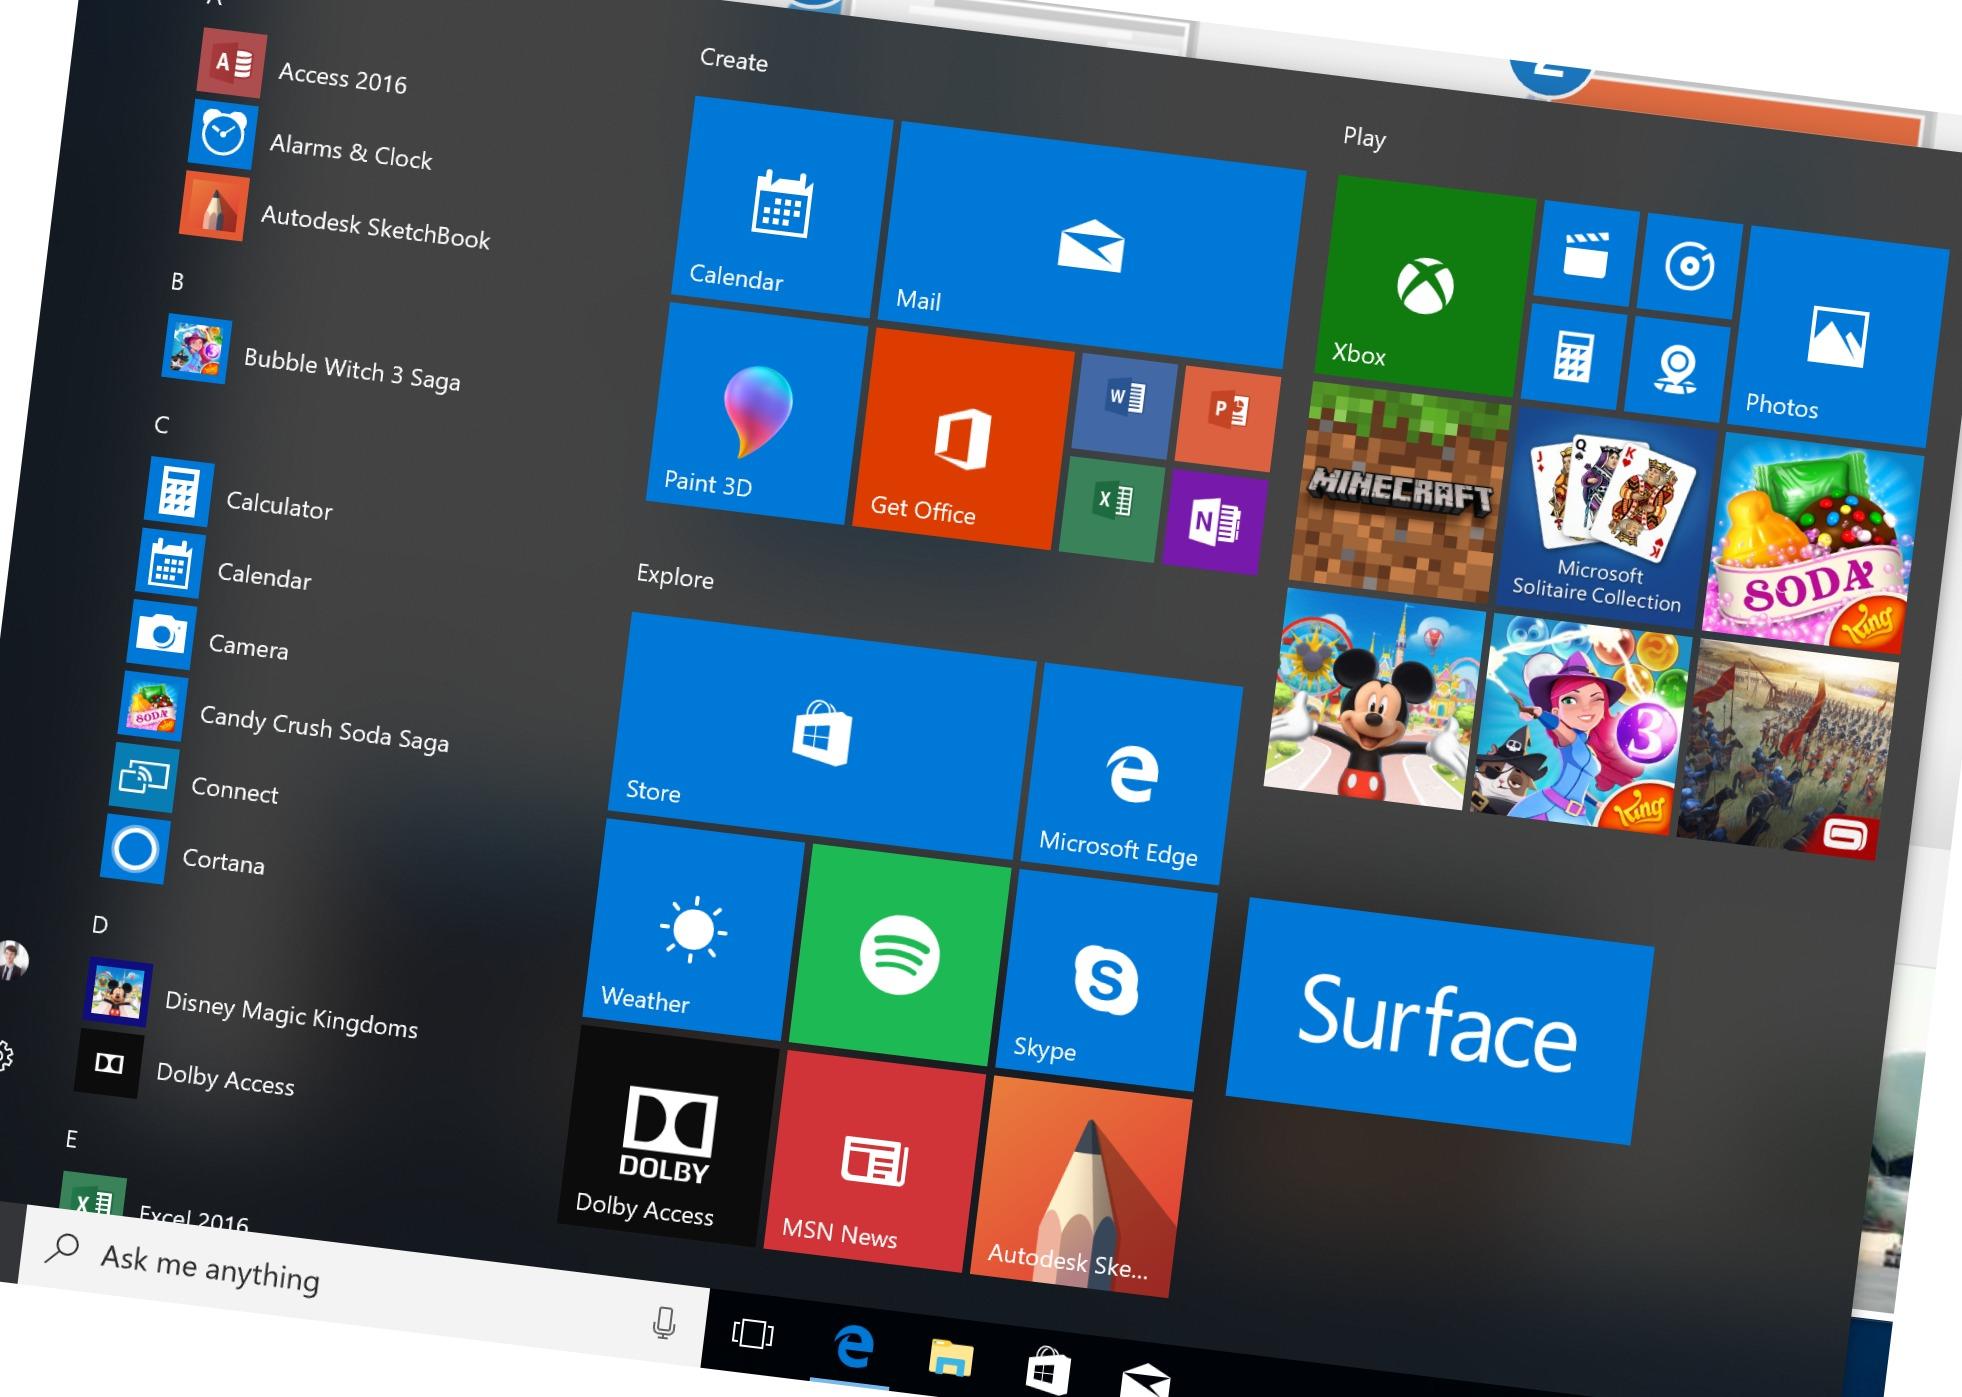 Dette er et steg i riktig retning, Microsoft, men dere gjør oss fremdeles forbanna